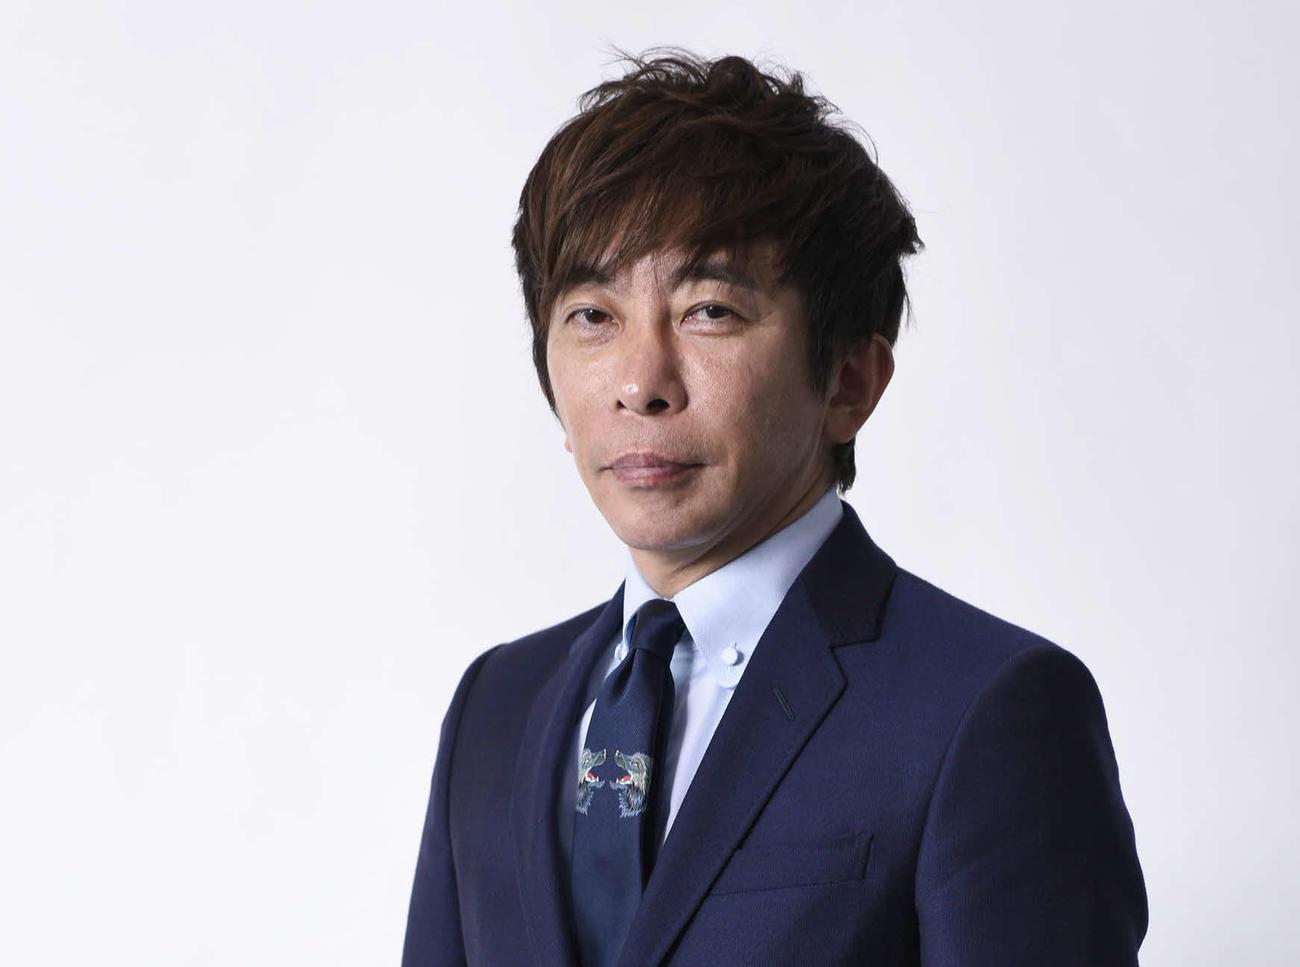 エイベックス松浦勝人代表取締役会長CEO